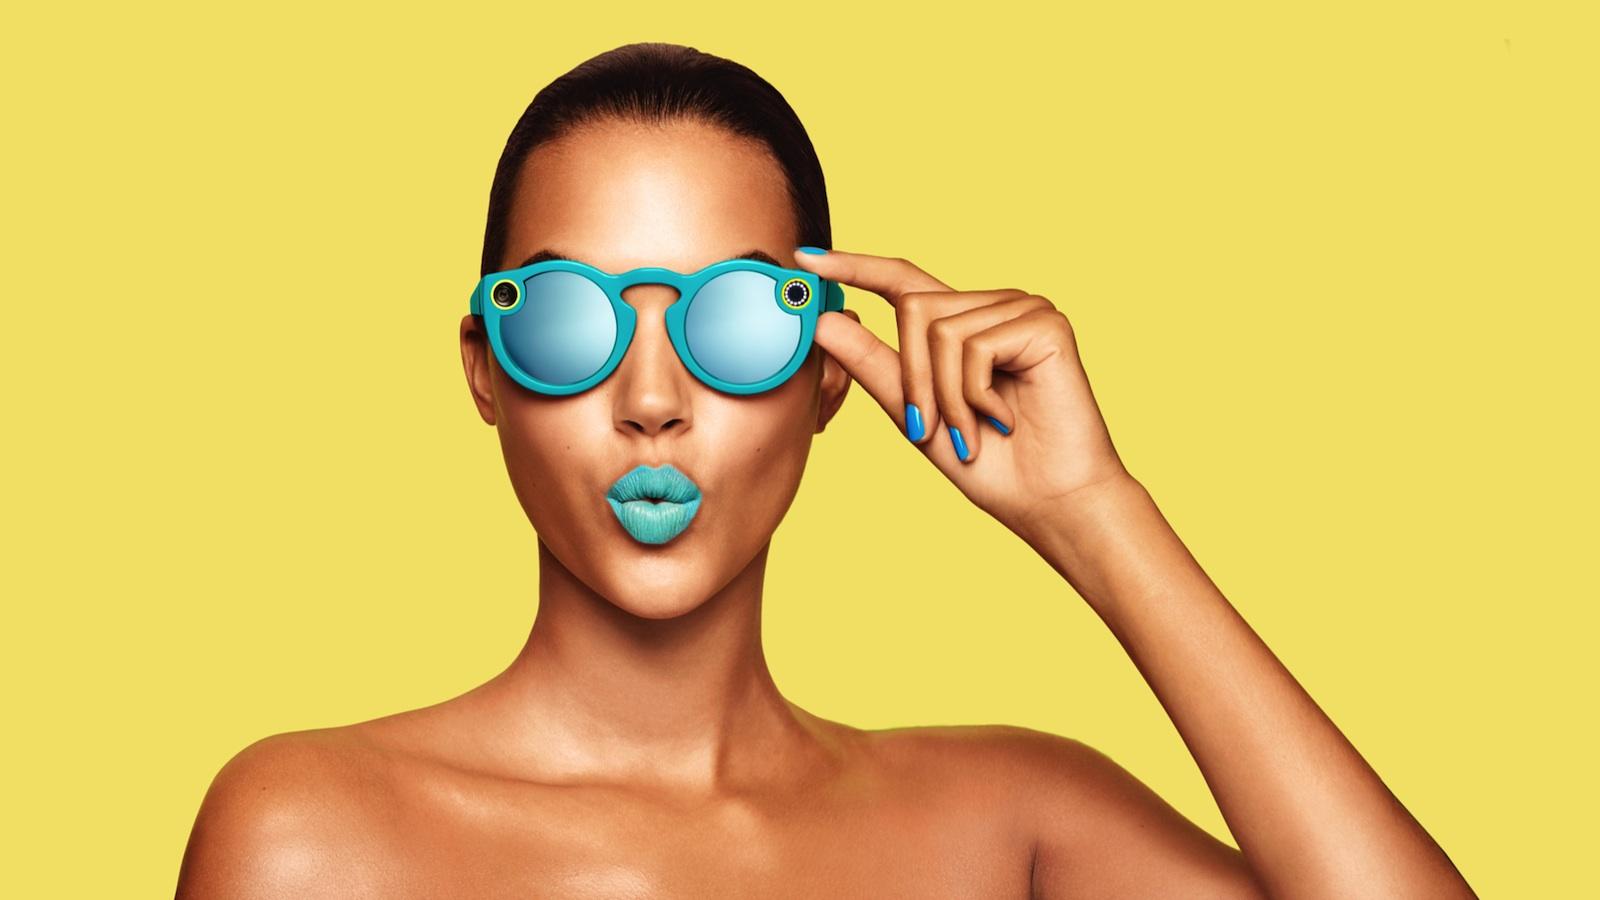 Die Kamerabrillen gibt es in den Farben Türkis, Koralle und Schwarz.